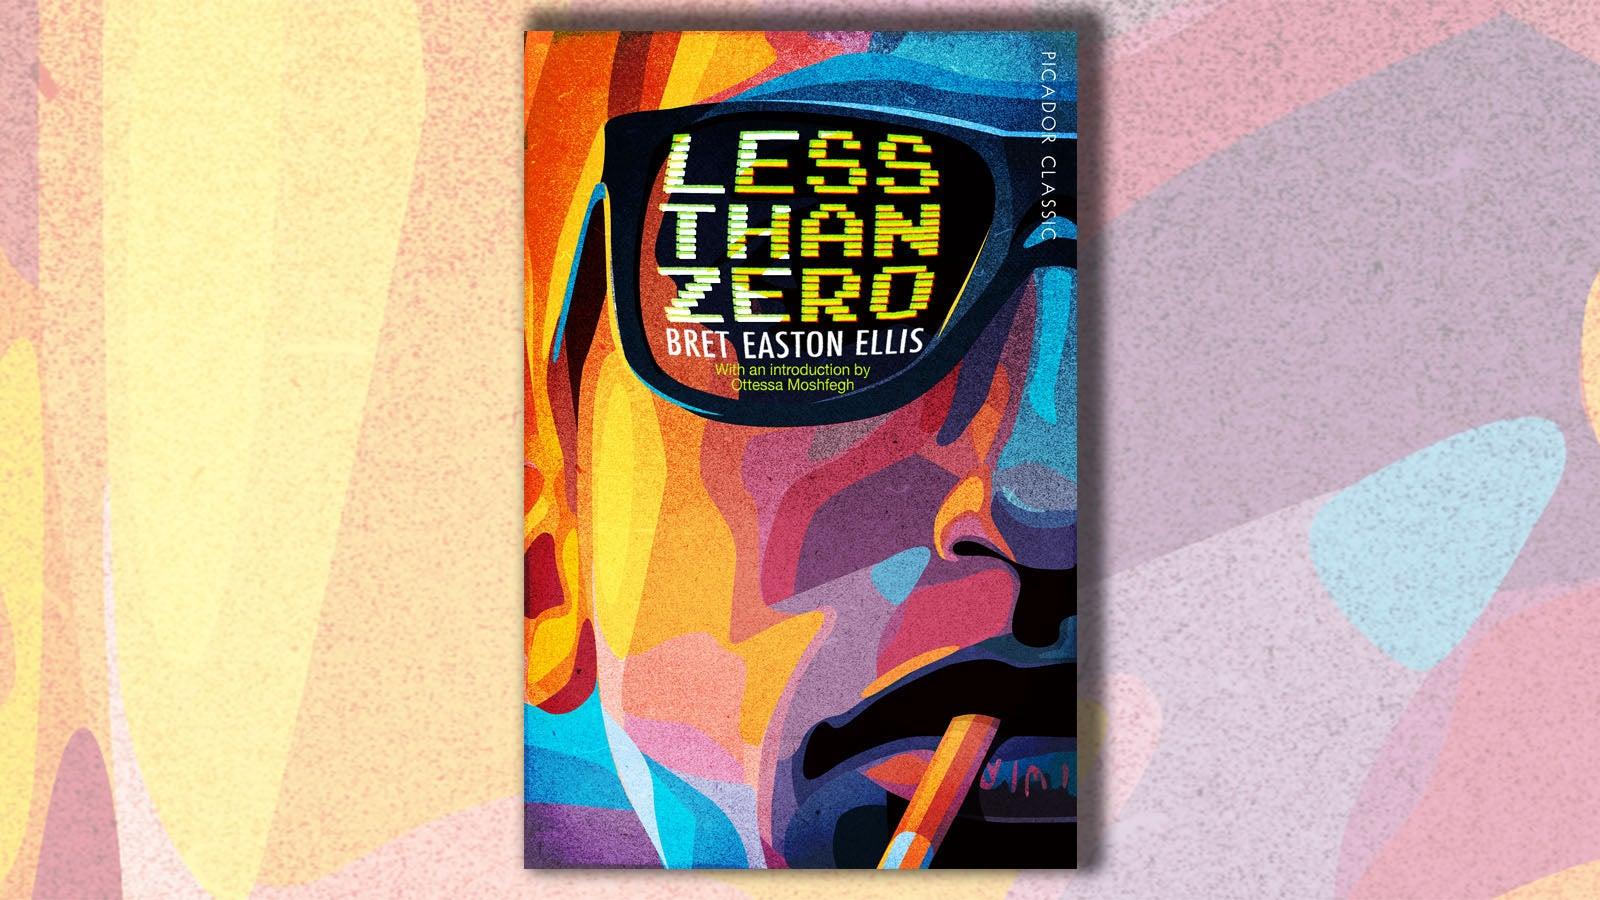 Less Than Zero Bret Easton Ellis